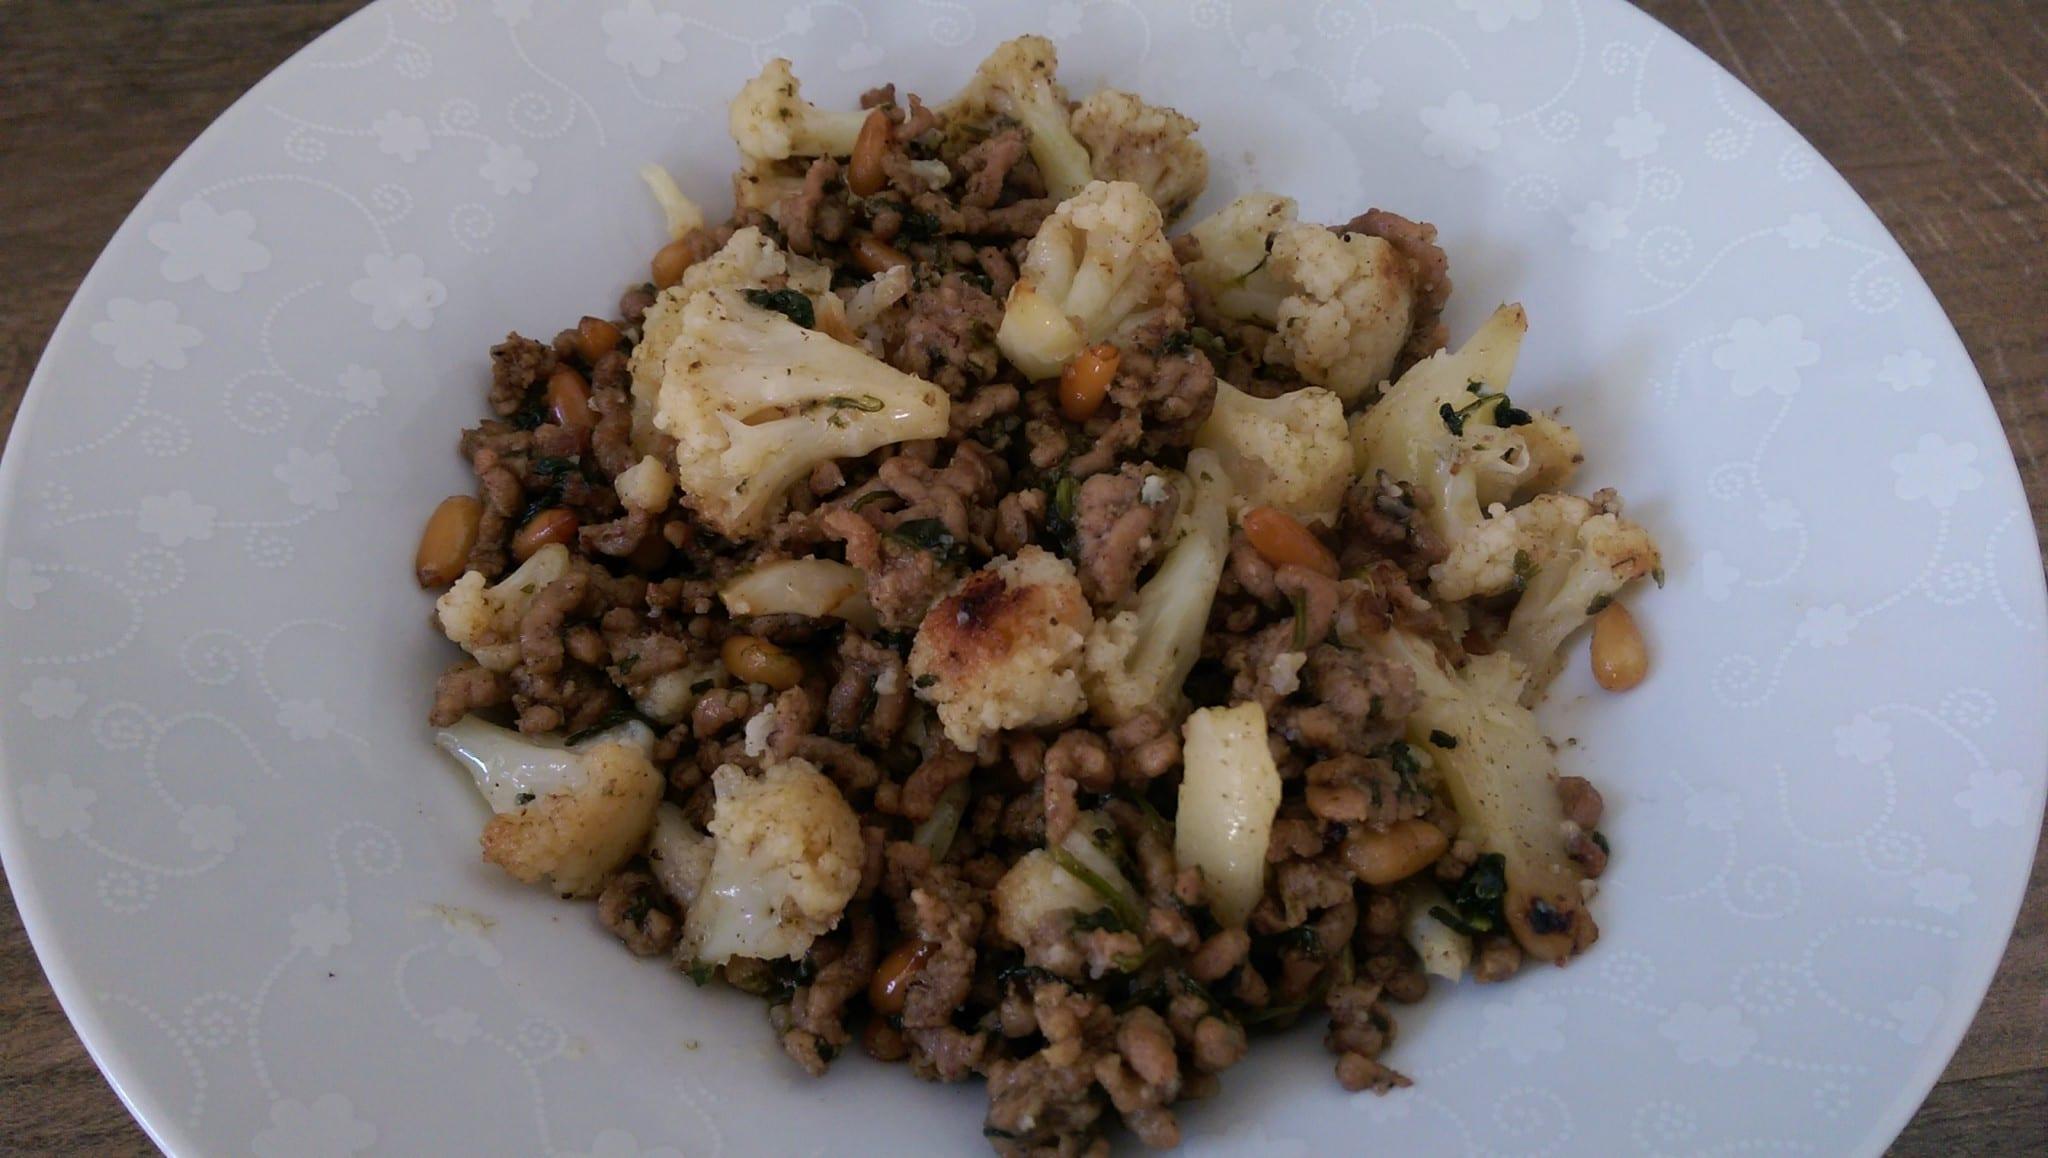 Lebanese inspired lamb with cauliflower